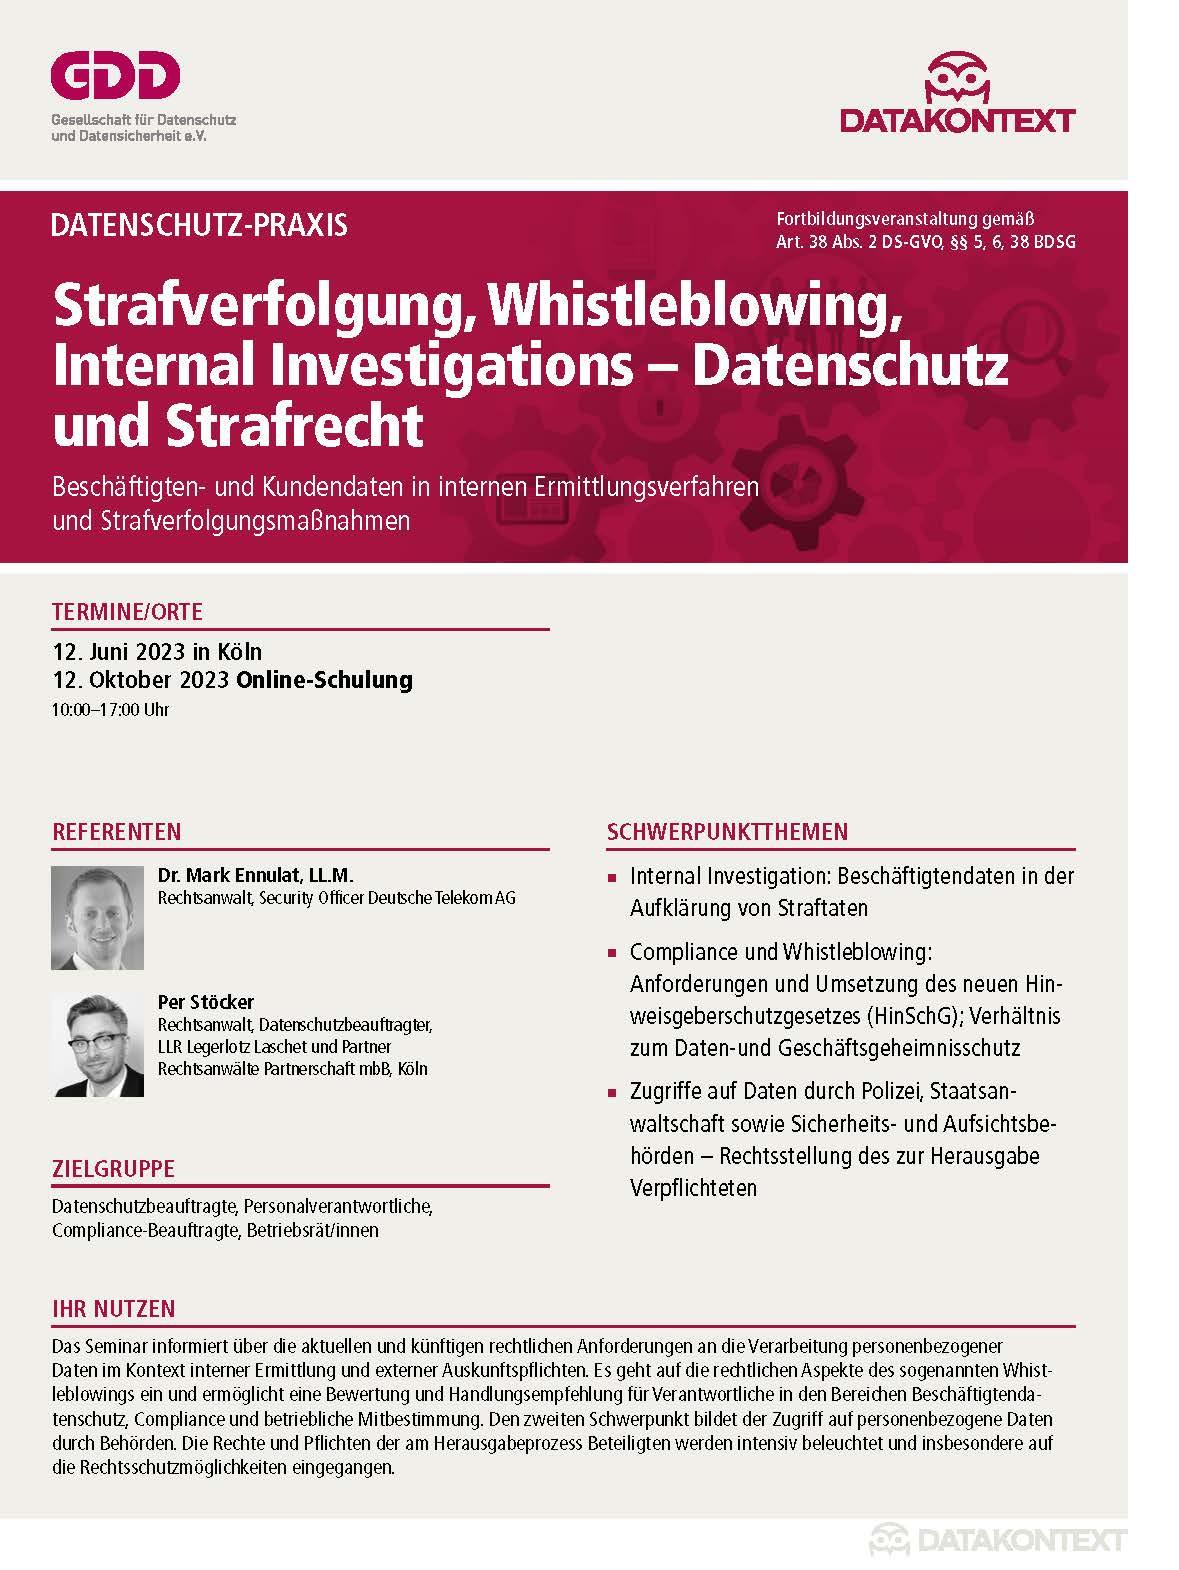 Strafverfolgung, Whistleblowing, Internal Investigations - Datenschutz und Strafrecht